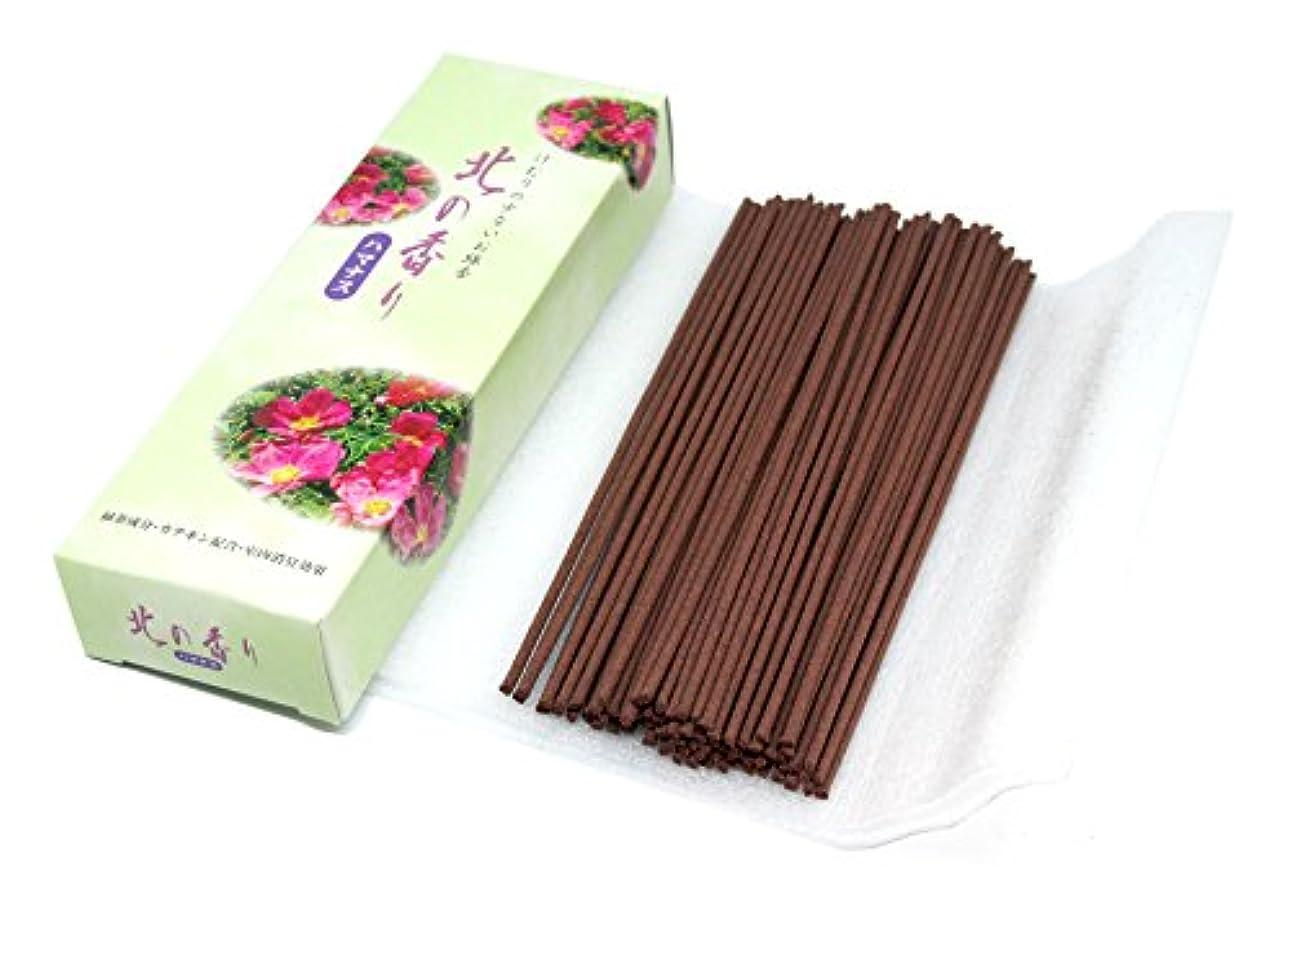 呼ぶ期待してすぐにSeikado Japanese Incense Sticks Kita No Kaori Hamanasu (ビーチローズ)スモールパック – 5.5インチ80 Sticks – Green Tea Deodorizer...